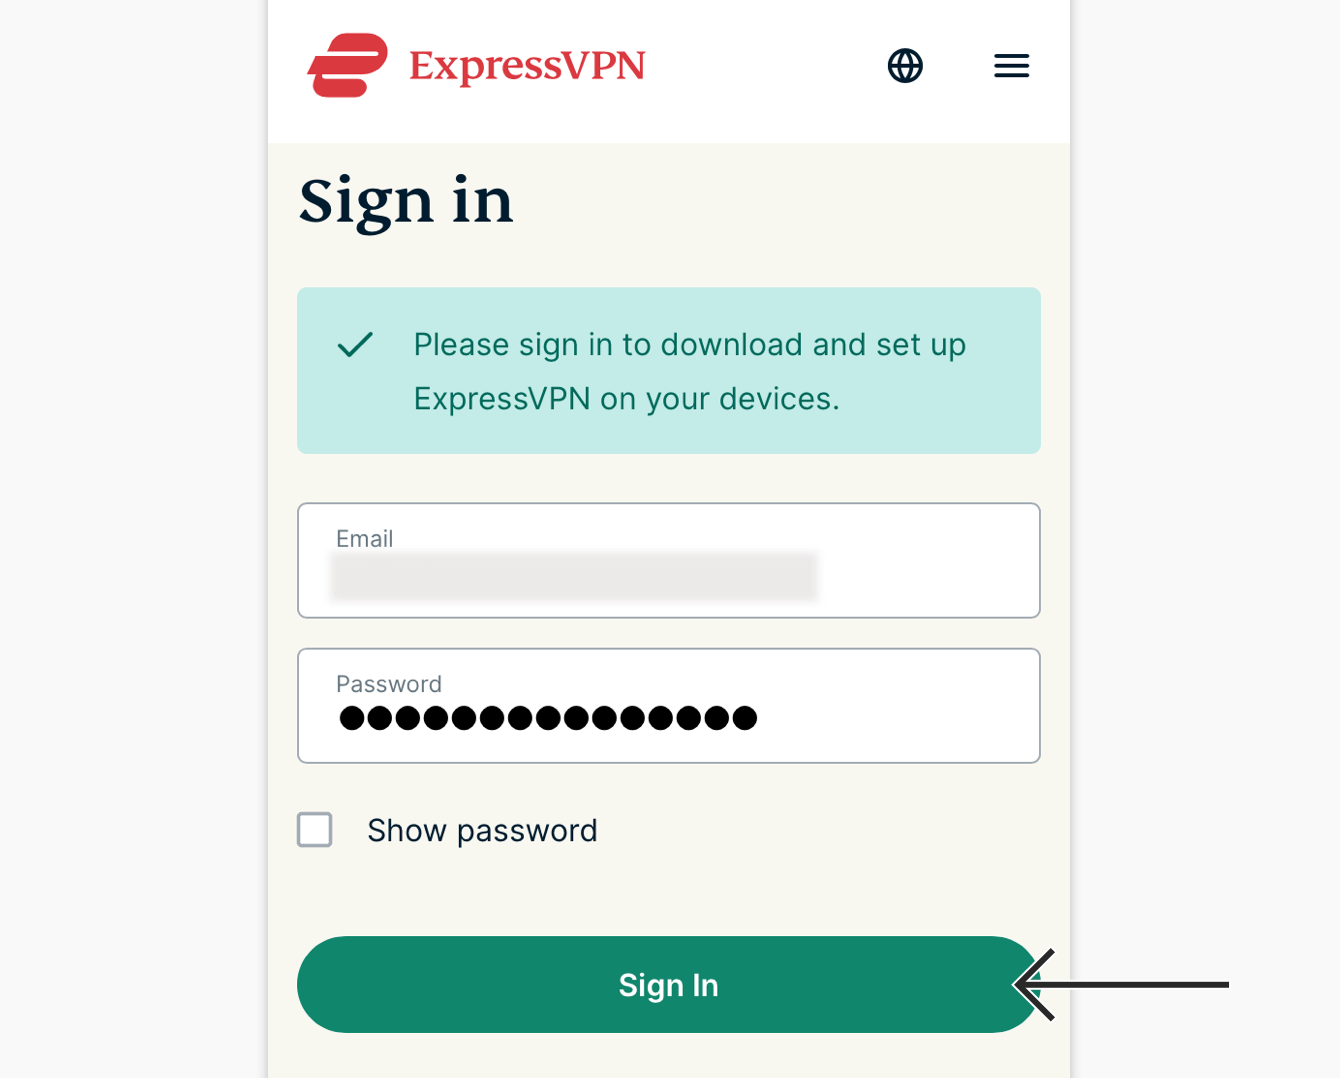 Skriv inn ditt brukernavn og passord for ExpressVPN, deretter trykk «Logg inn».